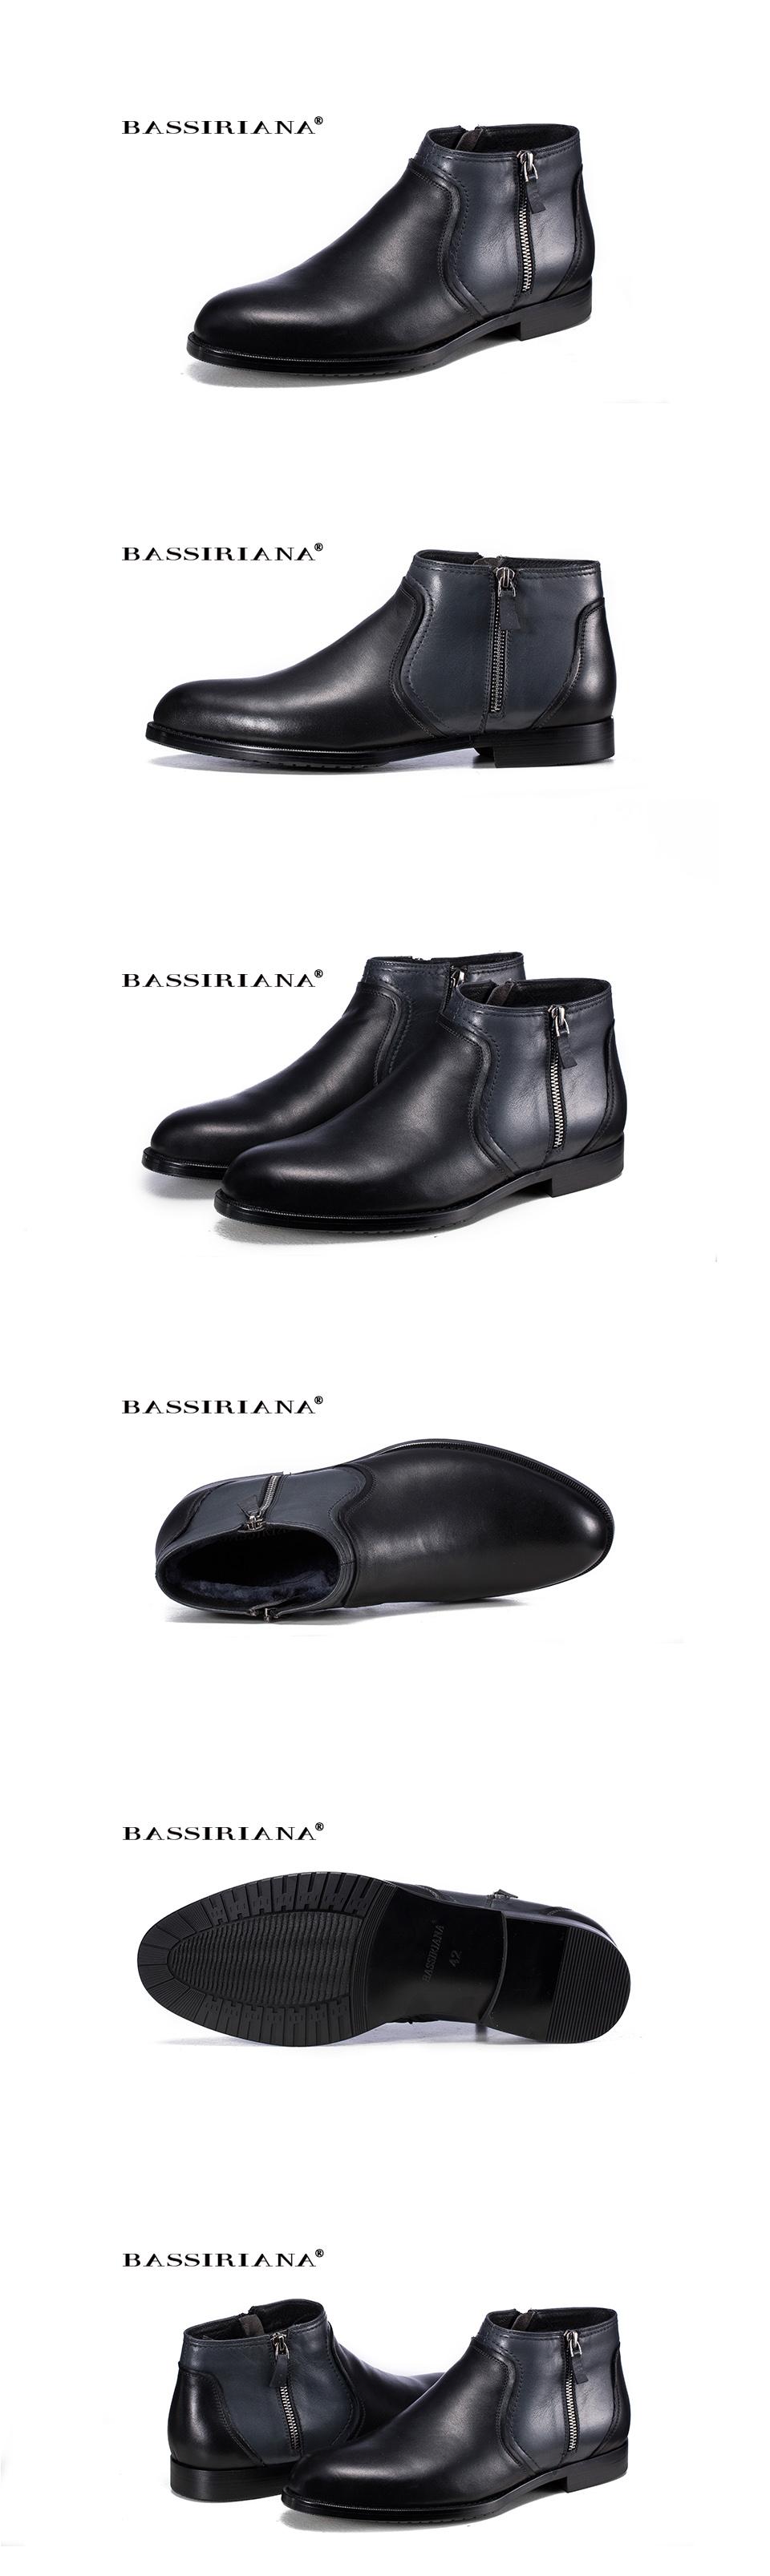 Мужские зимние ботинки BASSIRIANA фото